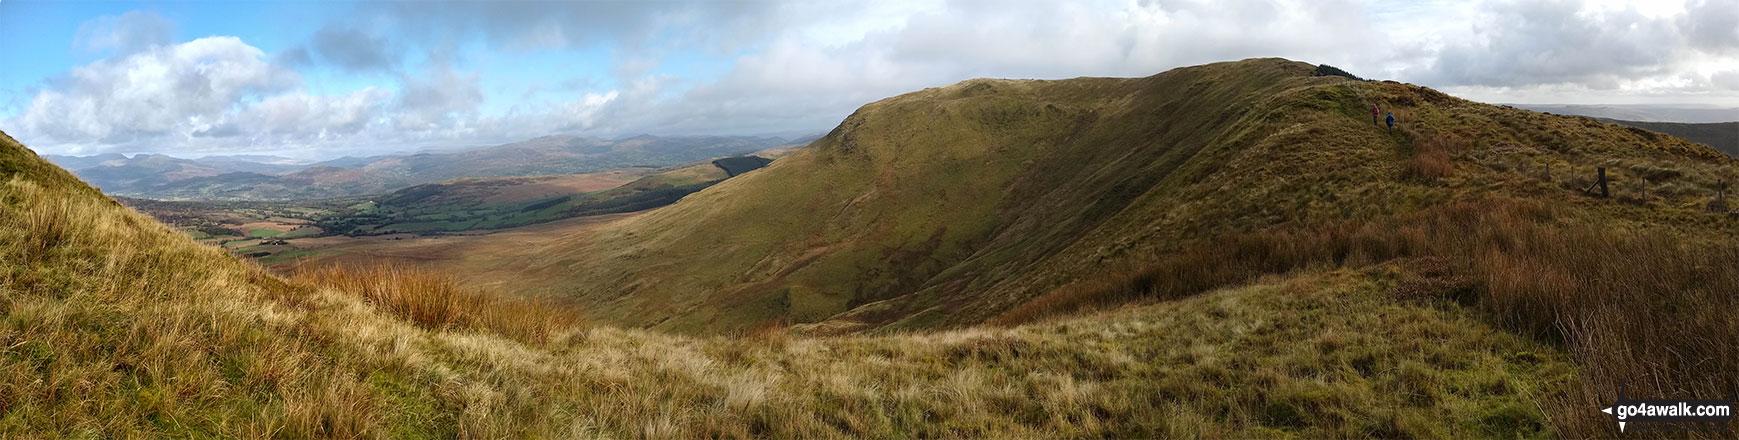 Waun-oerd from Mynydd Ceiswyn